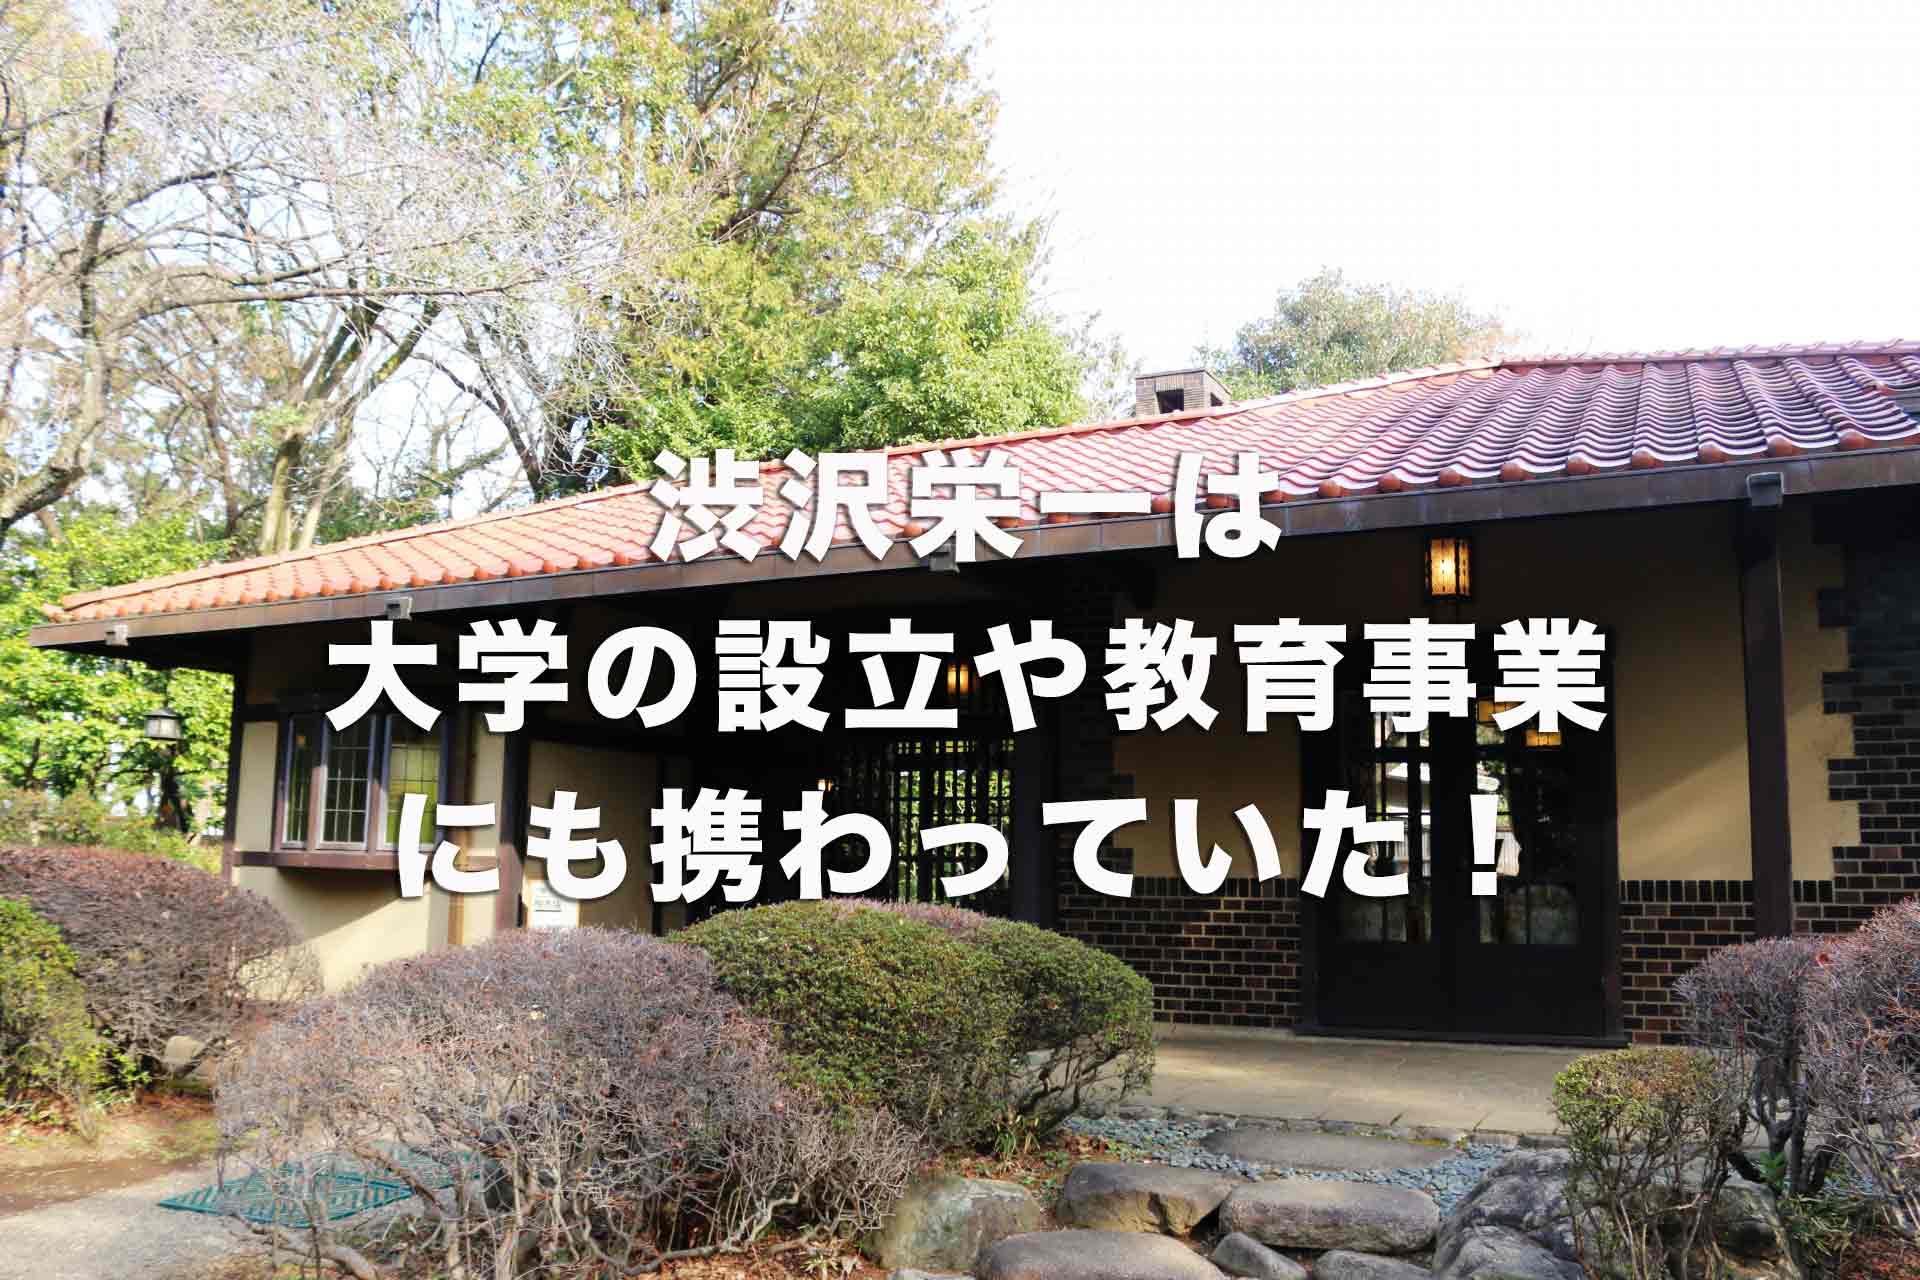 渋沢栄一は大学の設立や教育にも携わっていた!関わった機関とその理由は?